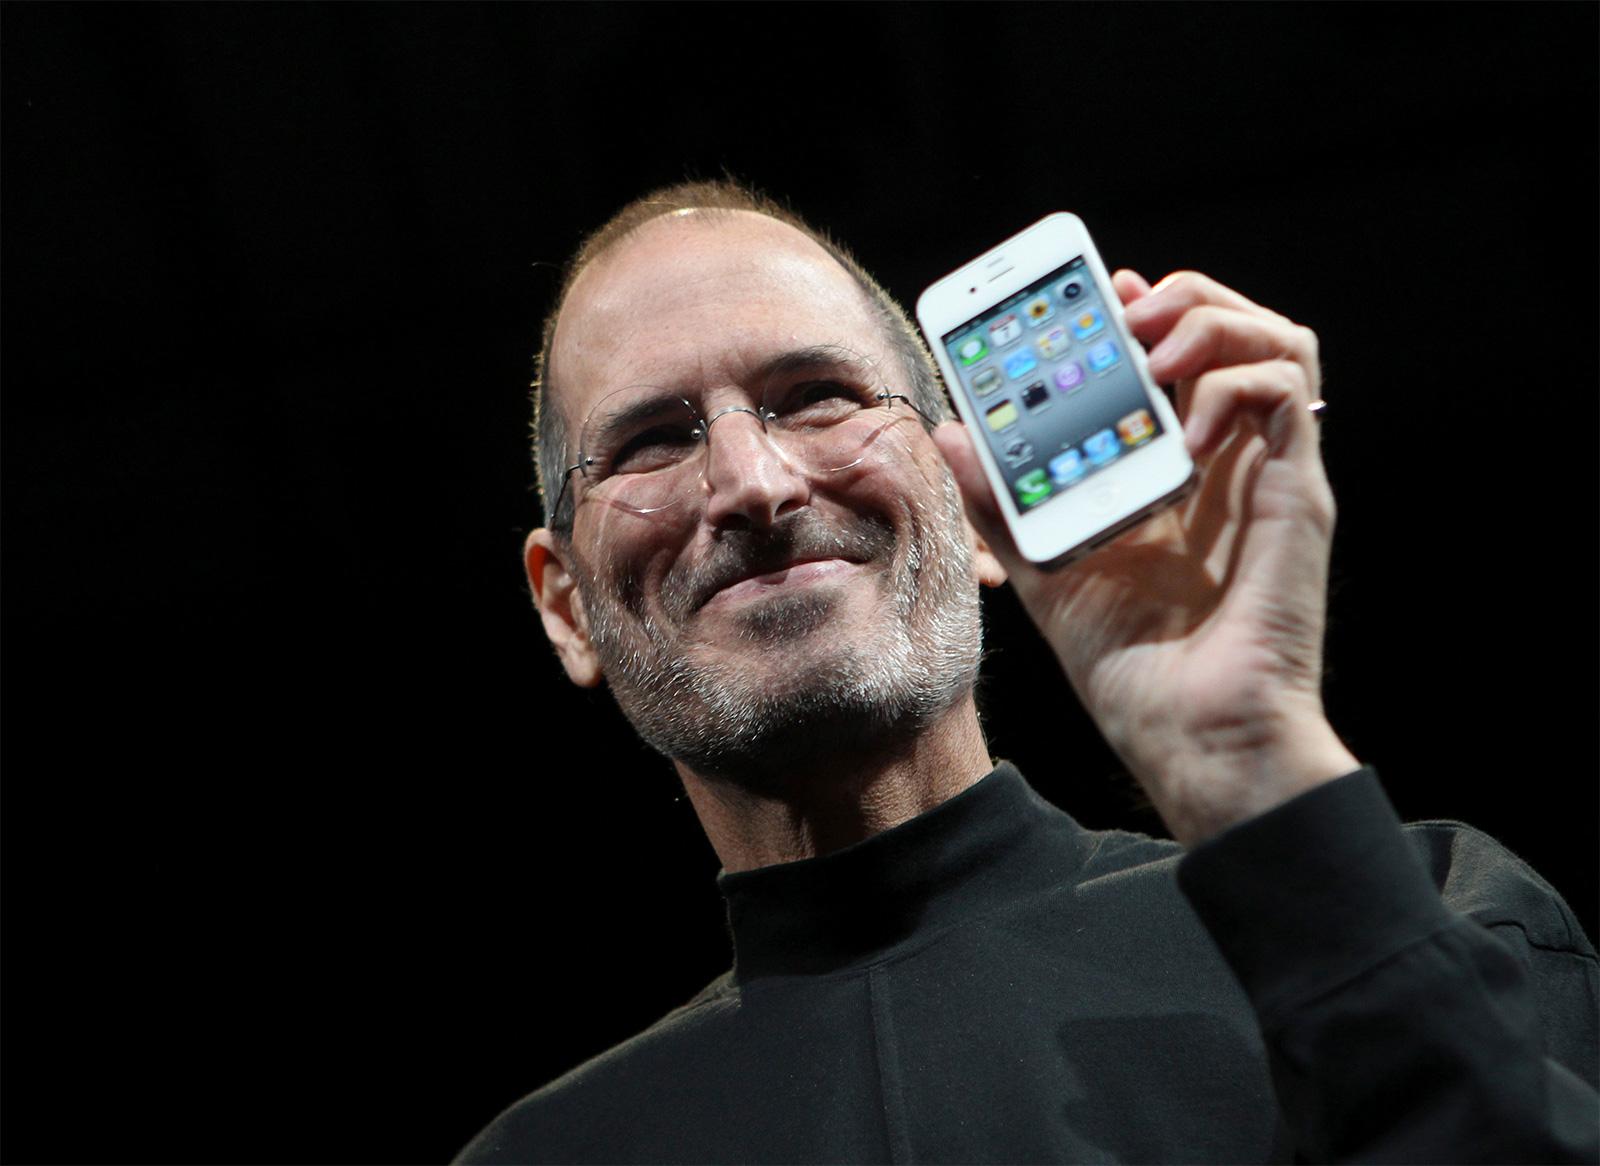 Steve Jobs presentando el iPhone 4 (vía Fortune)